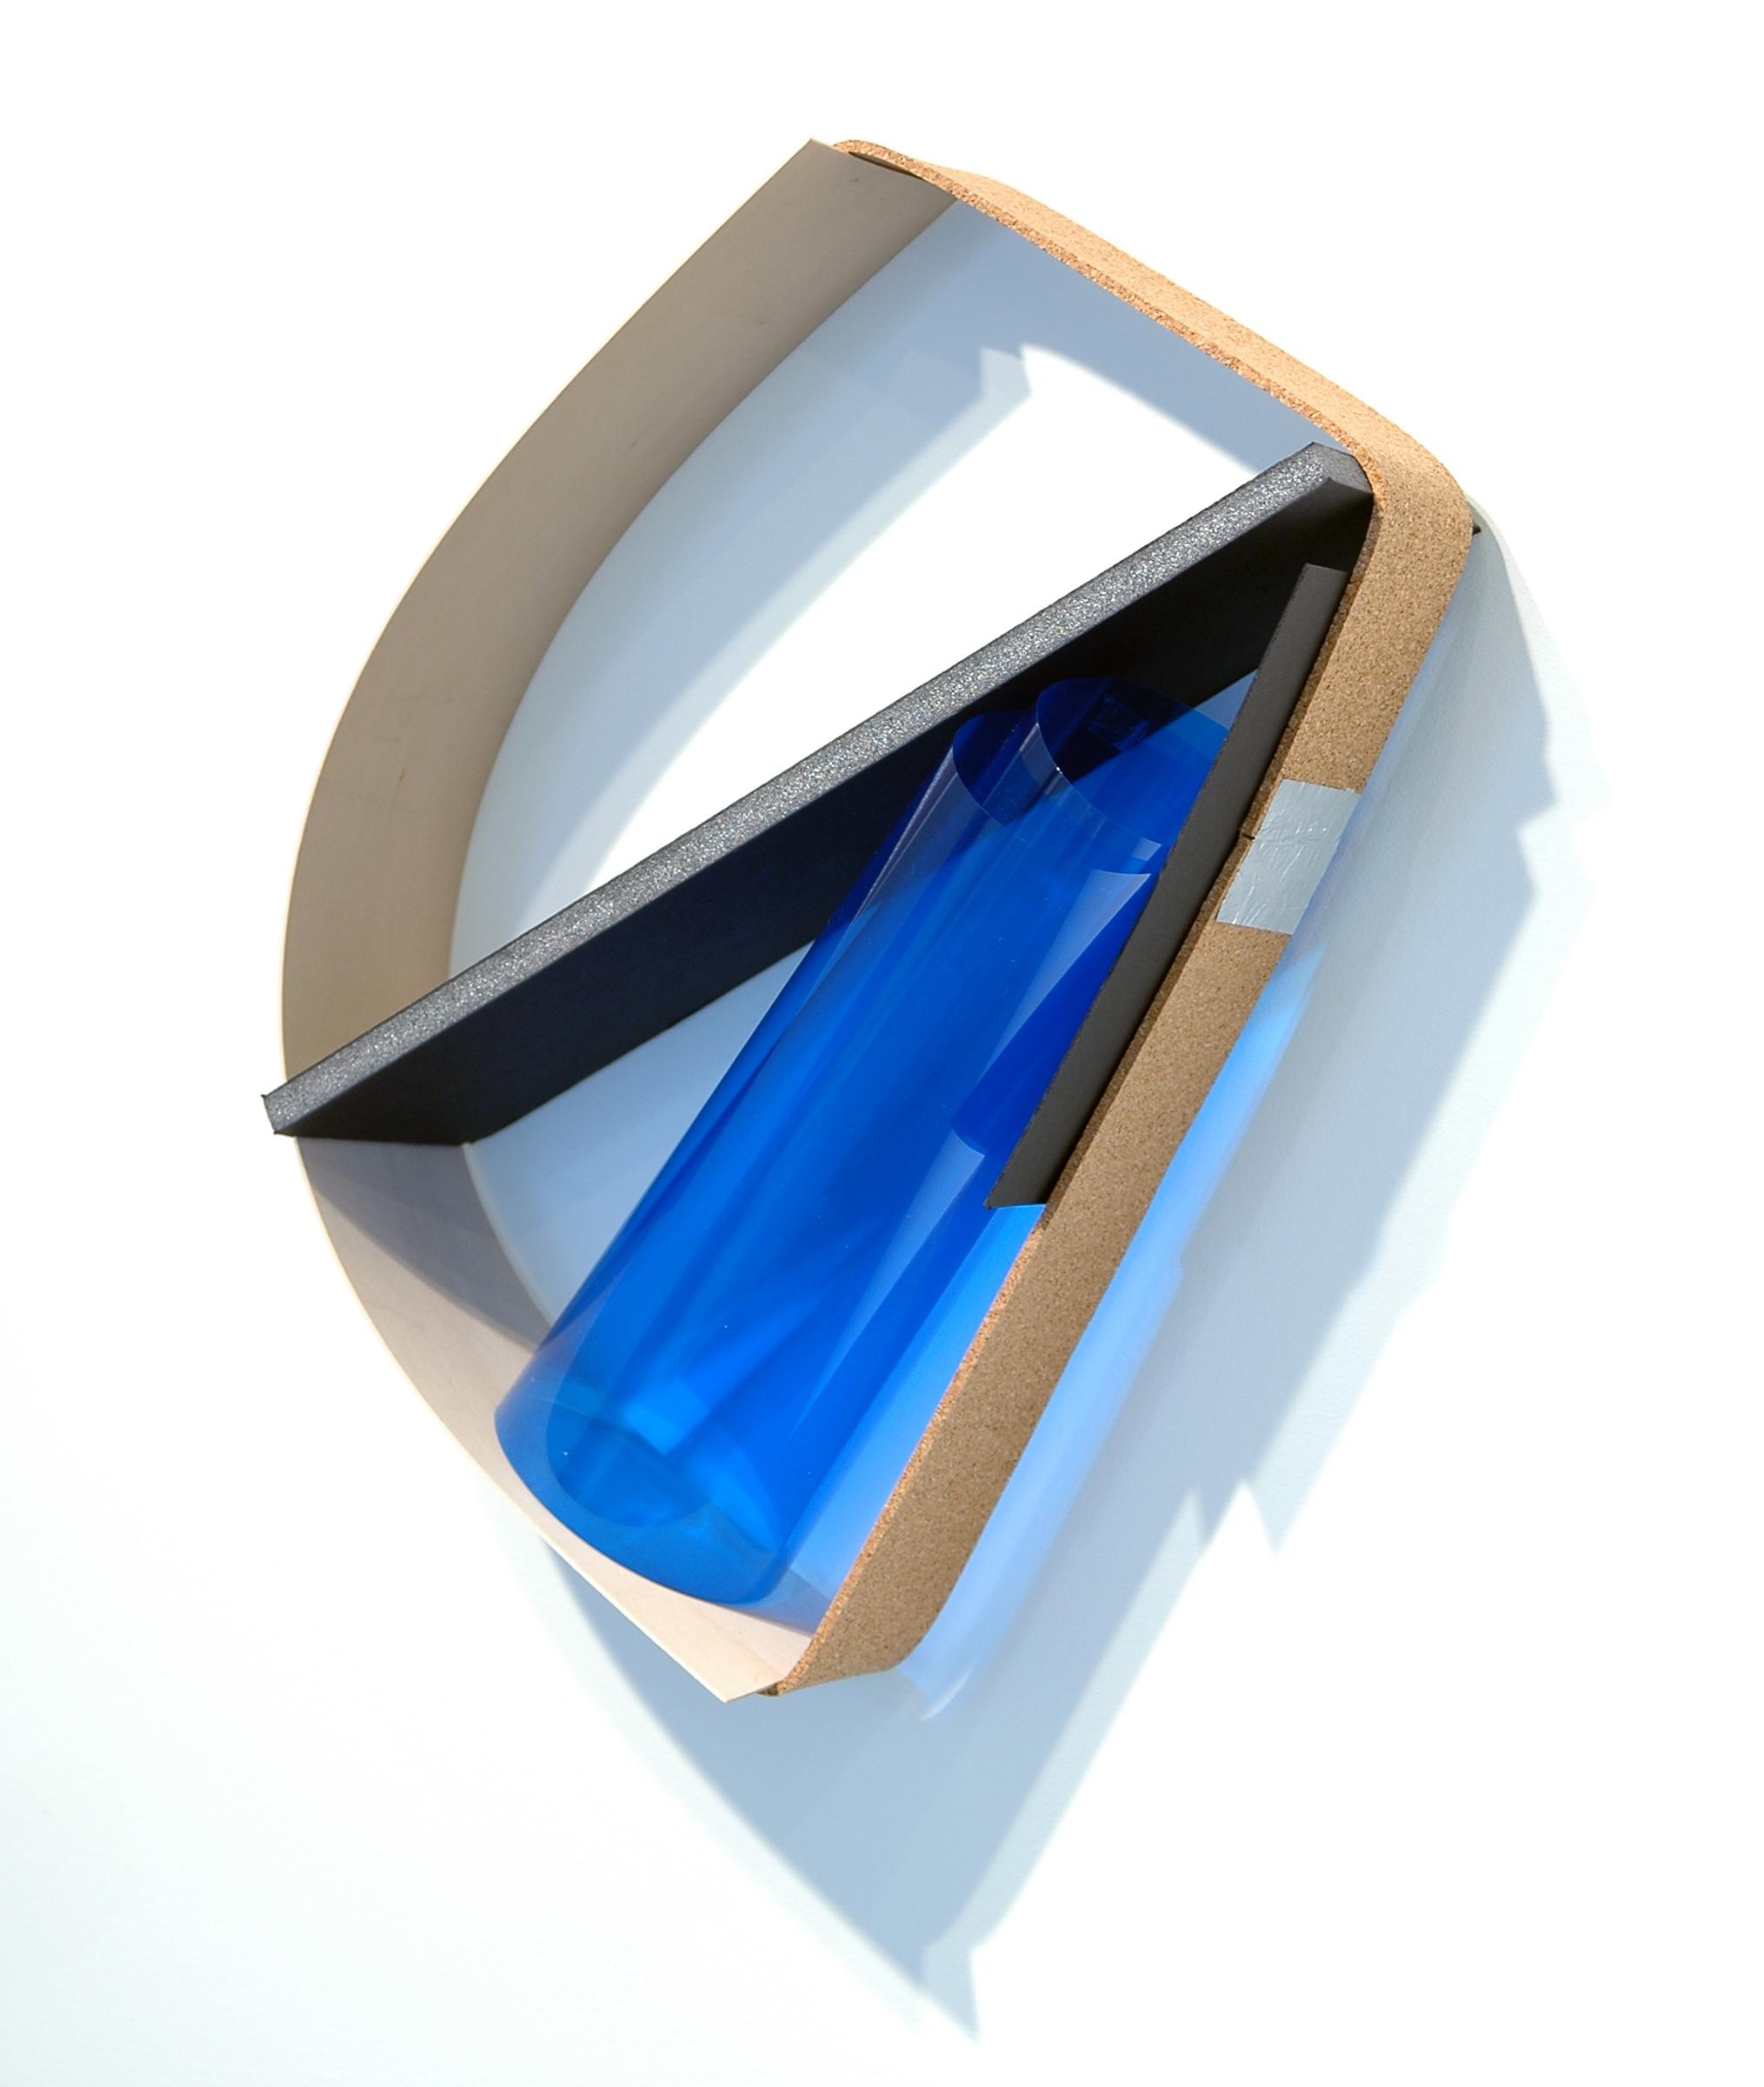 """ALICE CATTANEO   Ripetuto , 2013, cork, foam board, blue acetate, balsa wood, aluminium tape, paper, 18.5"""" x 14"""" x 5.5"""""""